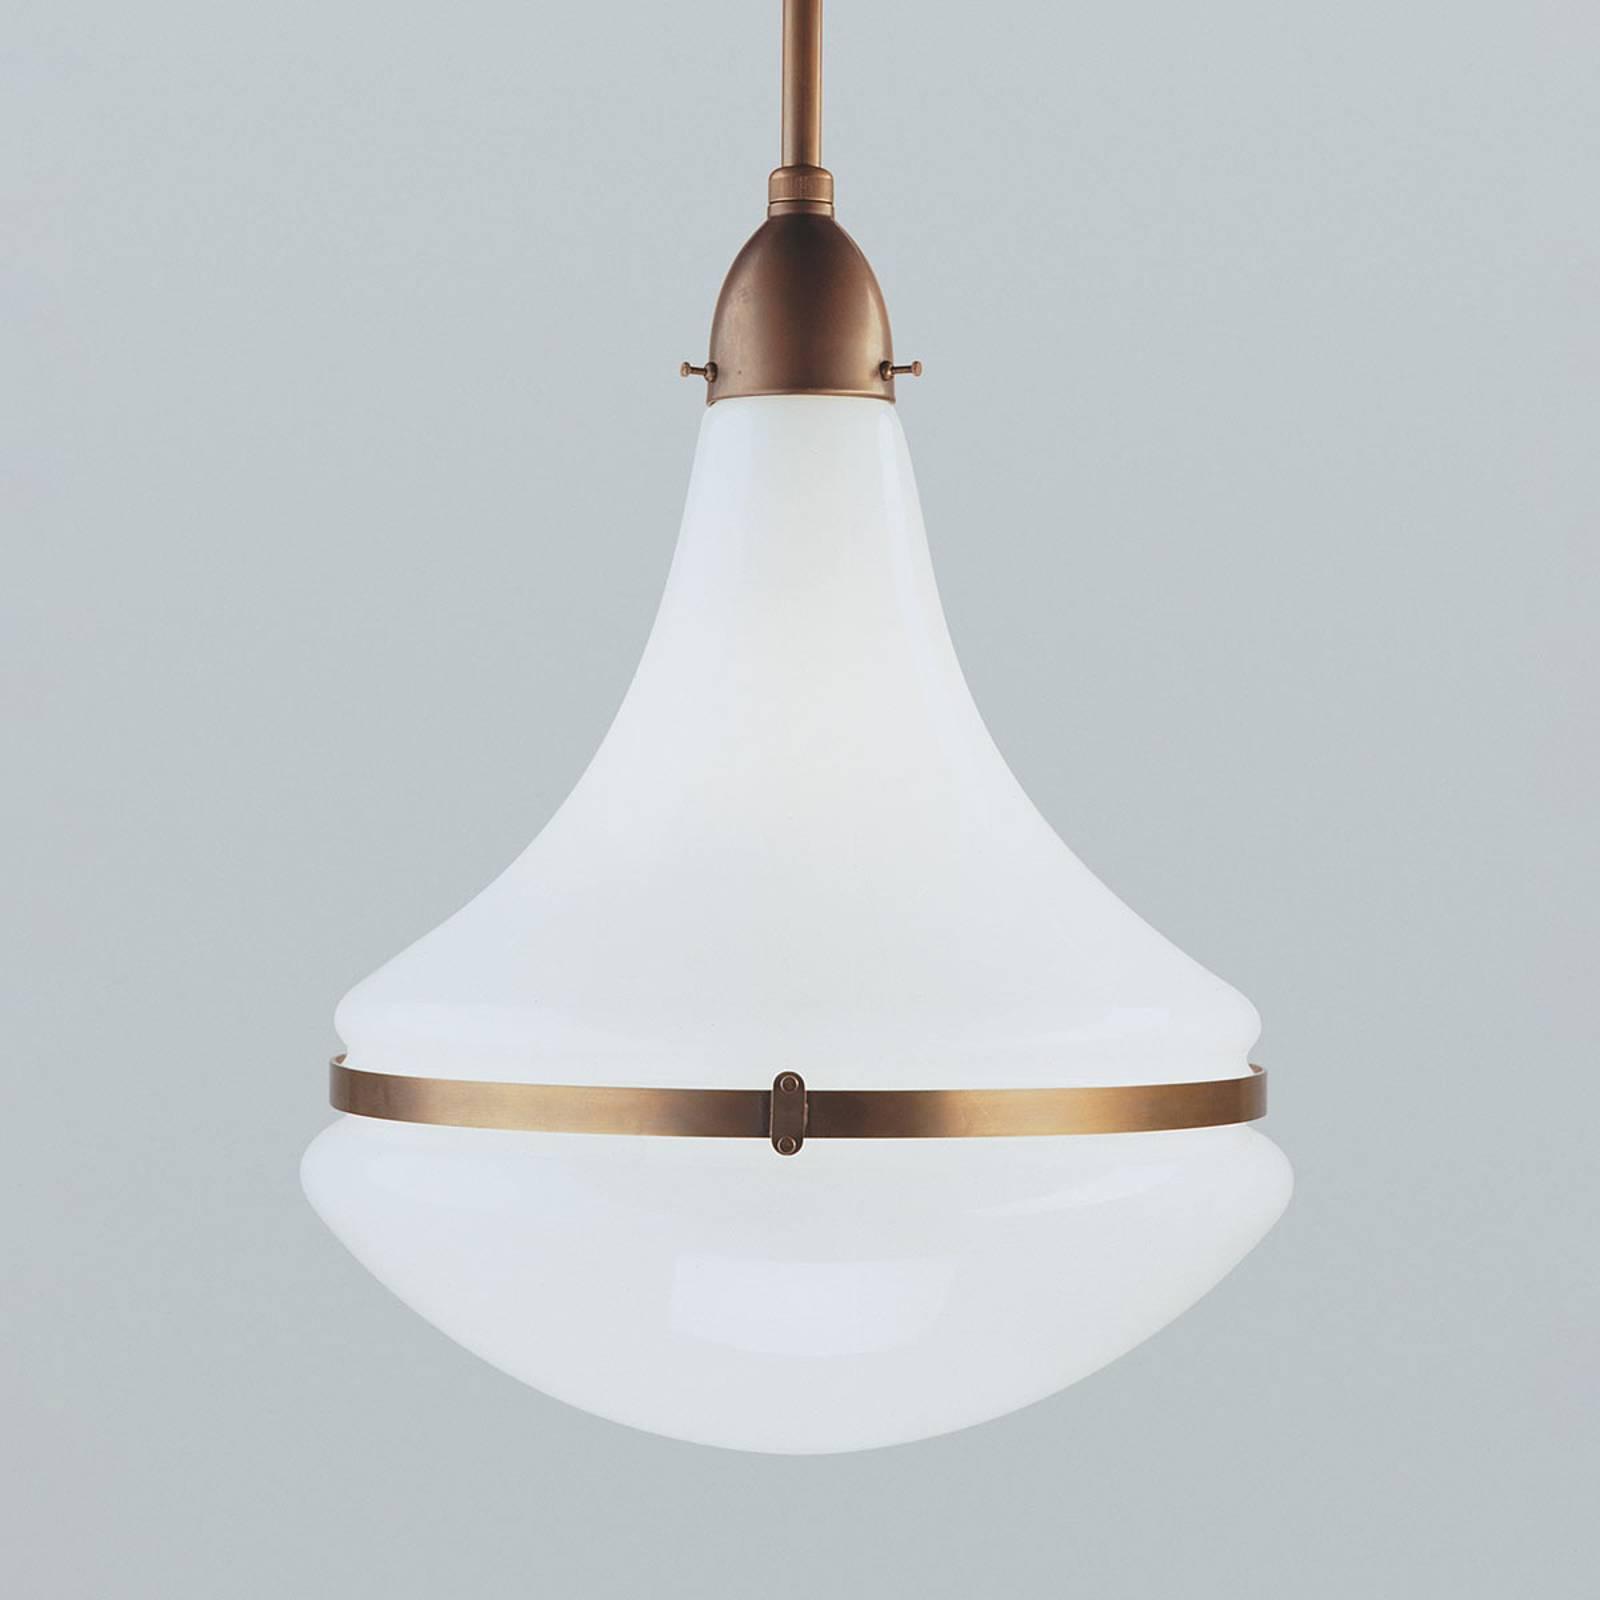 Hanglamp Frida van messing, Ø 34 cm